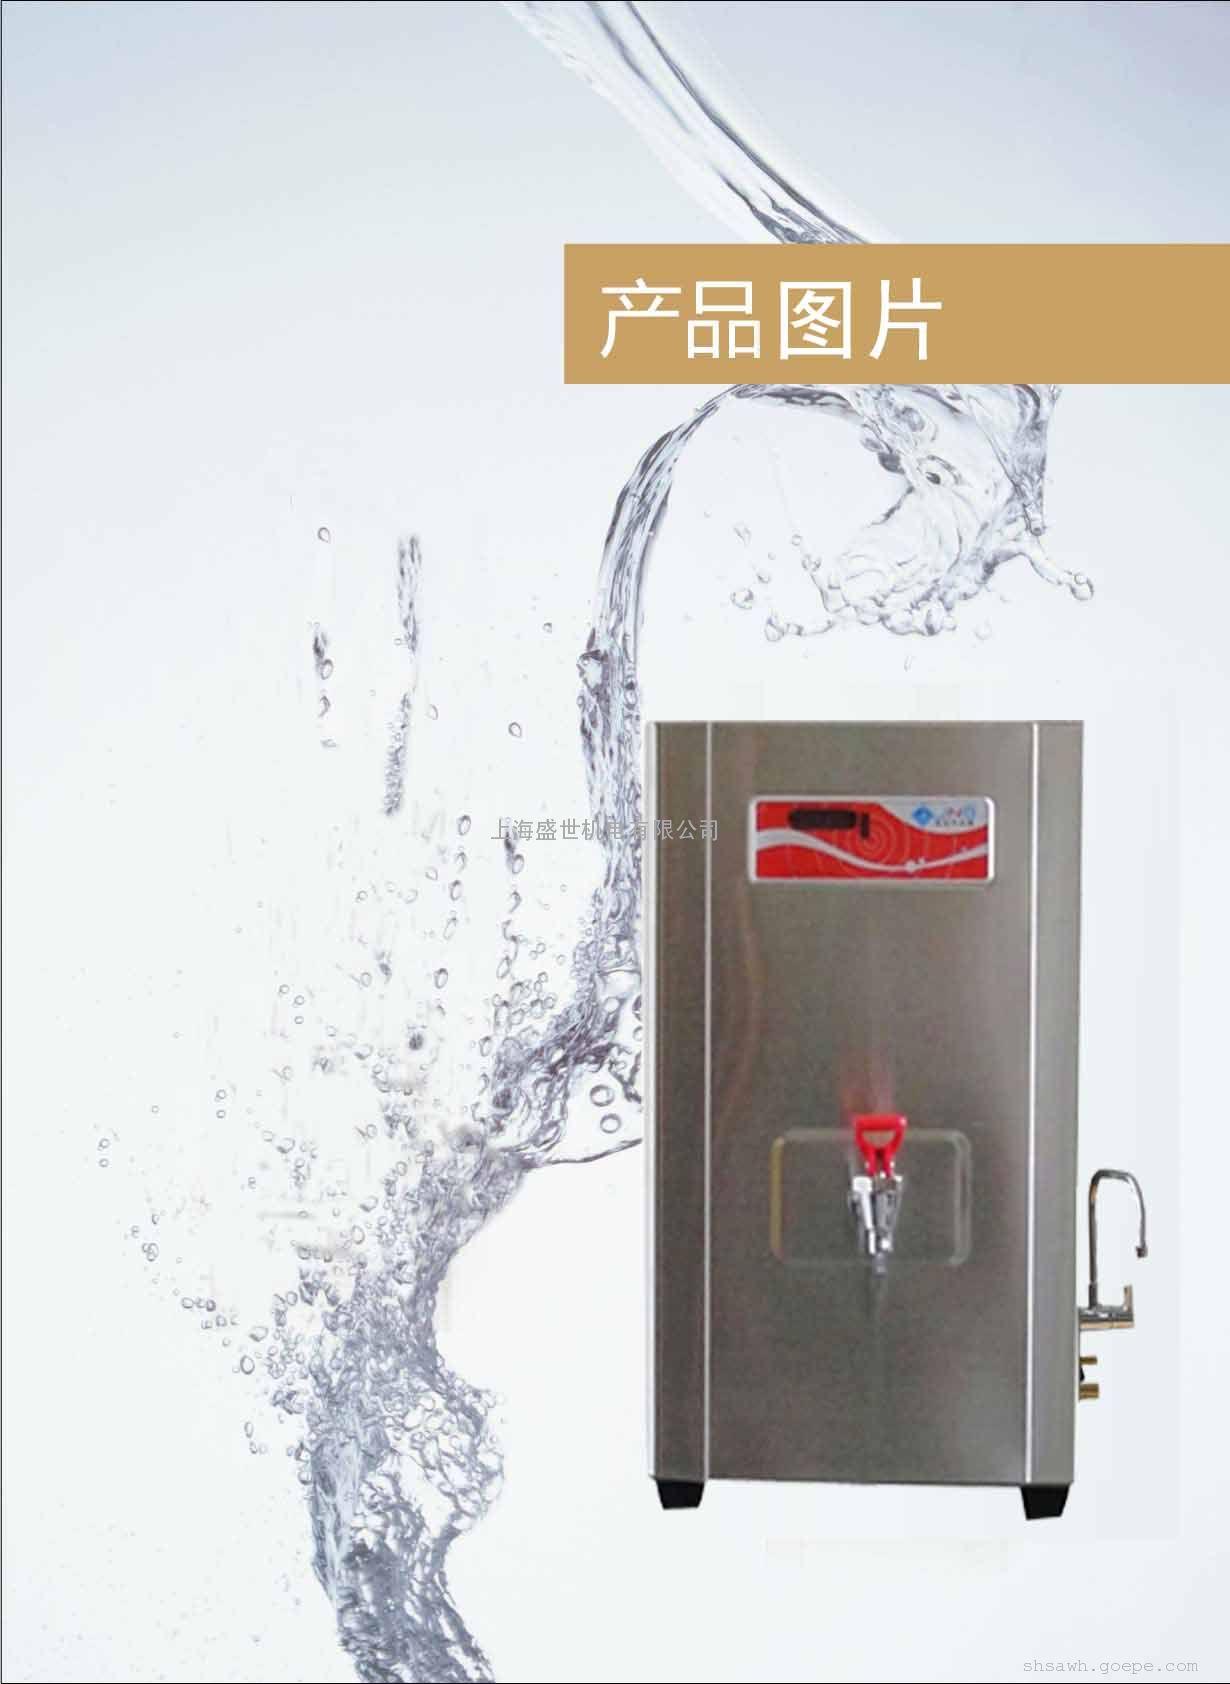 台式电开水器|厨房专用型|全不锈钢材质|30型单热水嘴